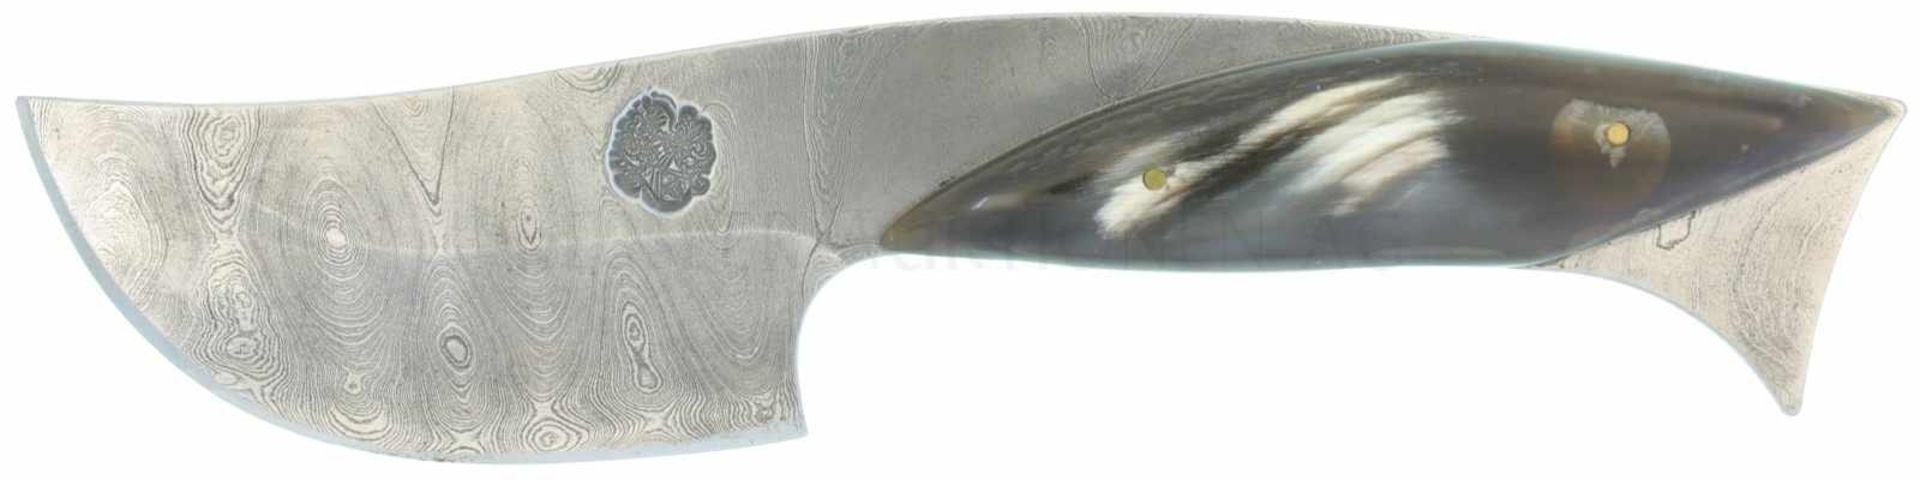 Los 9 - Skinner Damast KL 75mm, TL 182mm, Integralklinge mit tiefer Meistermarke. Linsenförmige,